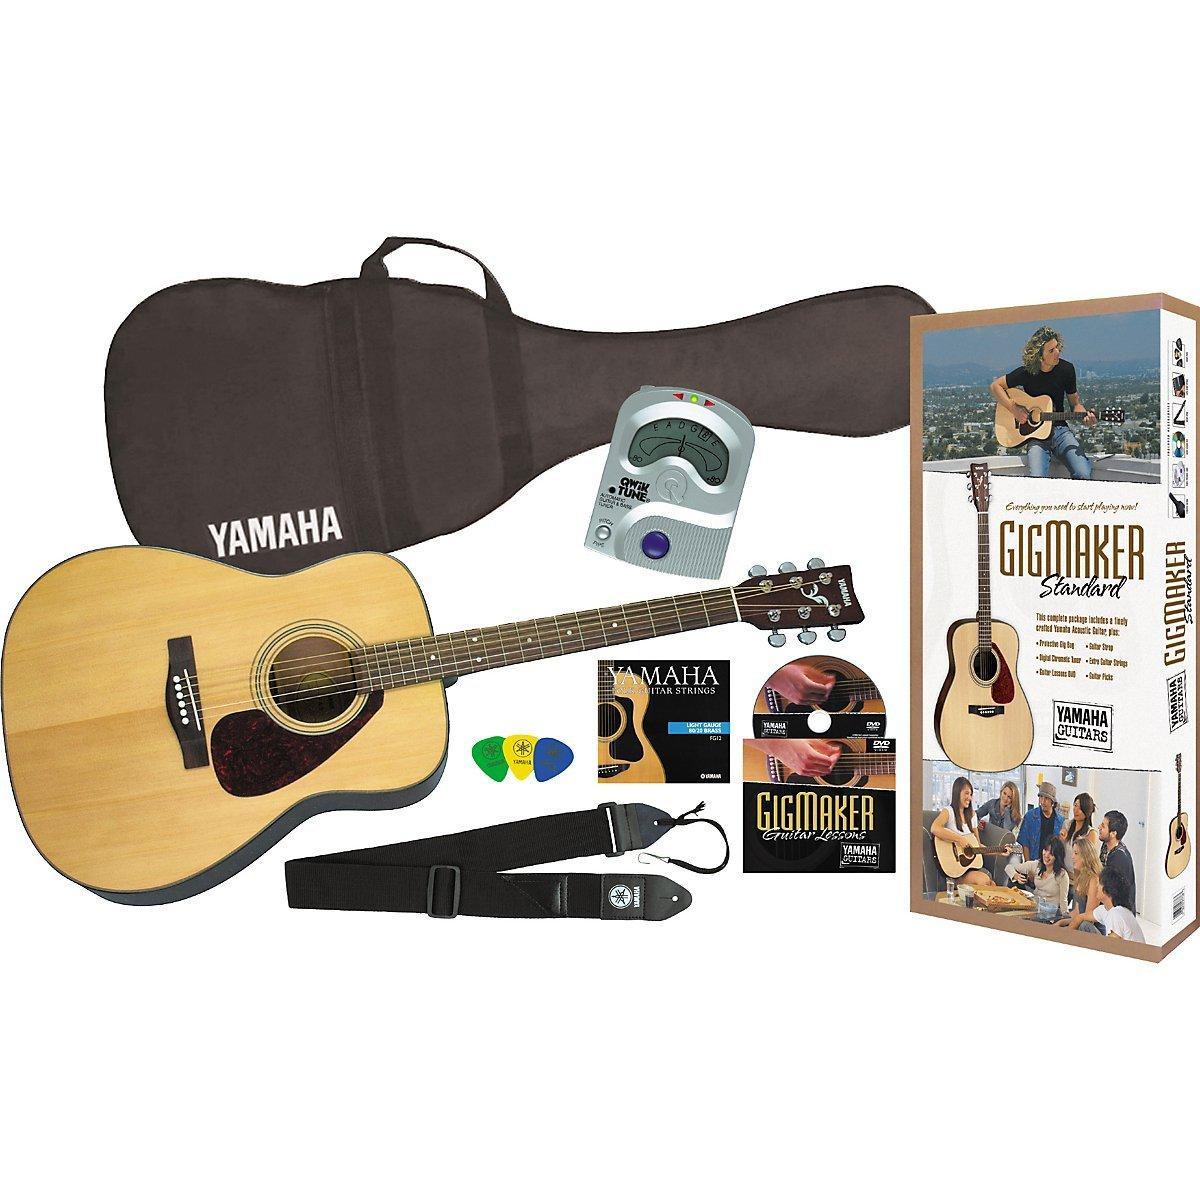 yamaha gigmaker standard acoustic guitar w gig bag tuner instructional dvd strap. Black Bedroom Furniture Sets. Home Design Ideas